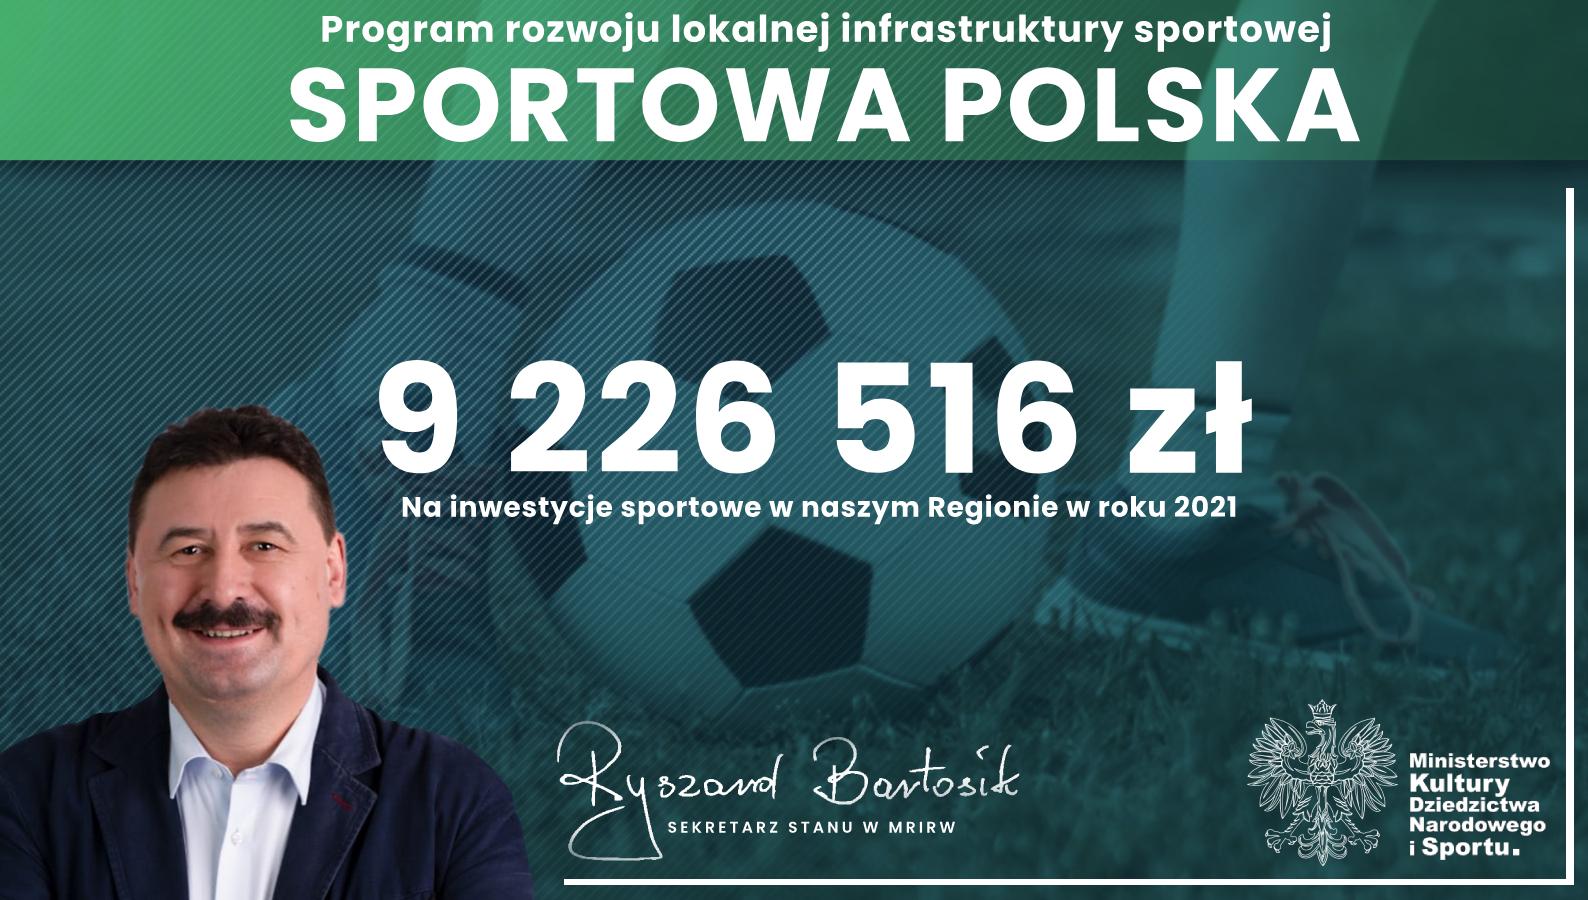 Nowe środki na inwestycje sportowe w naszym regionie